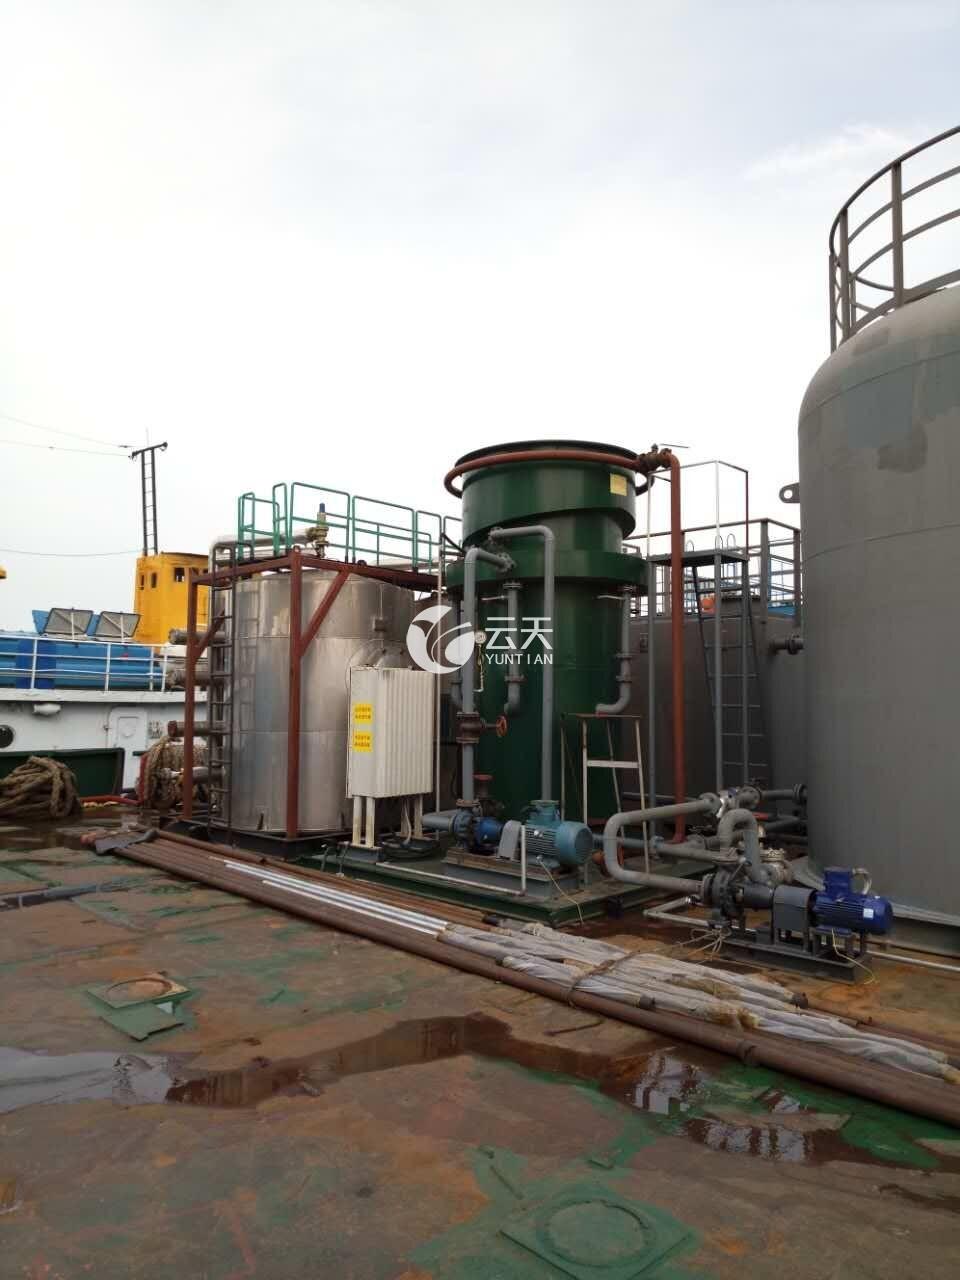 海洋钻井平台洗井水油水分离处理工业装置.jpg